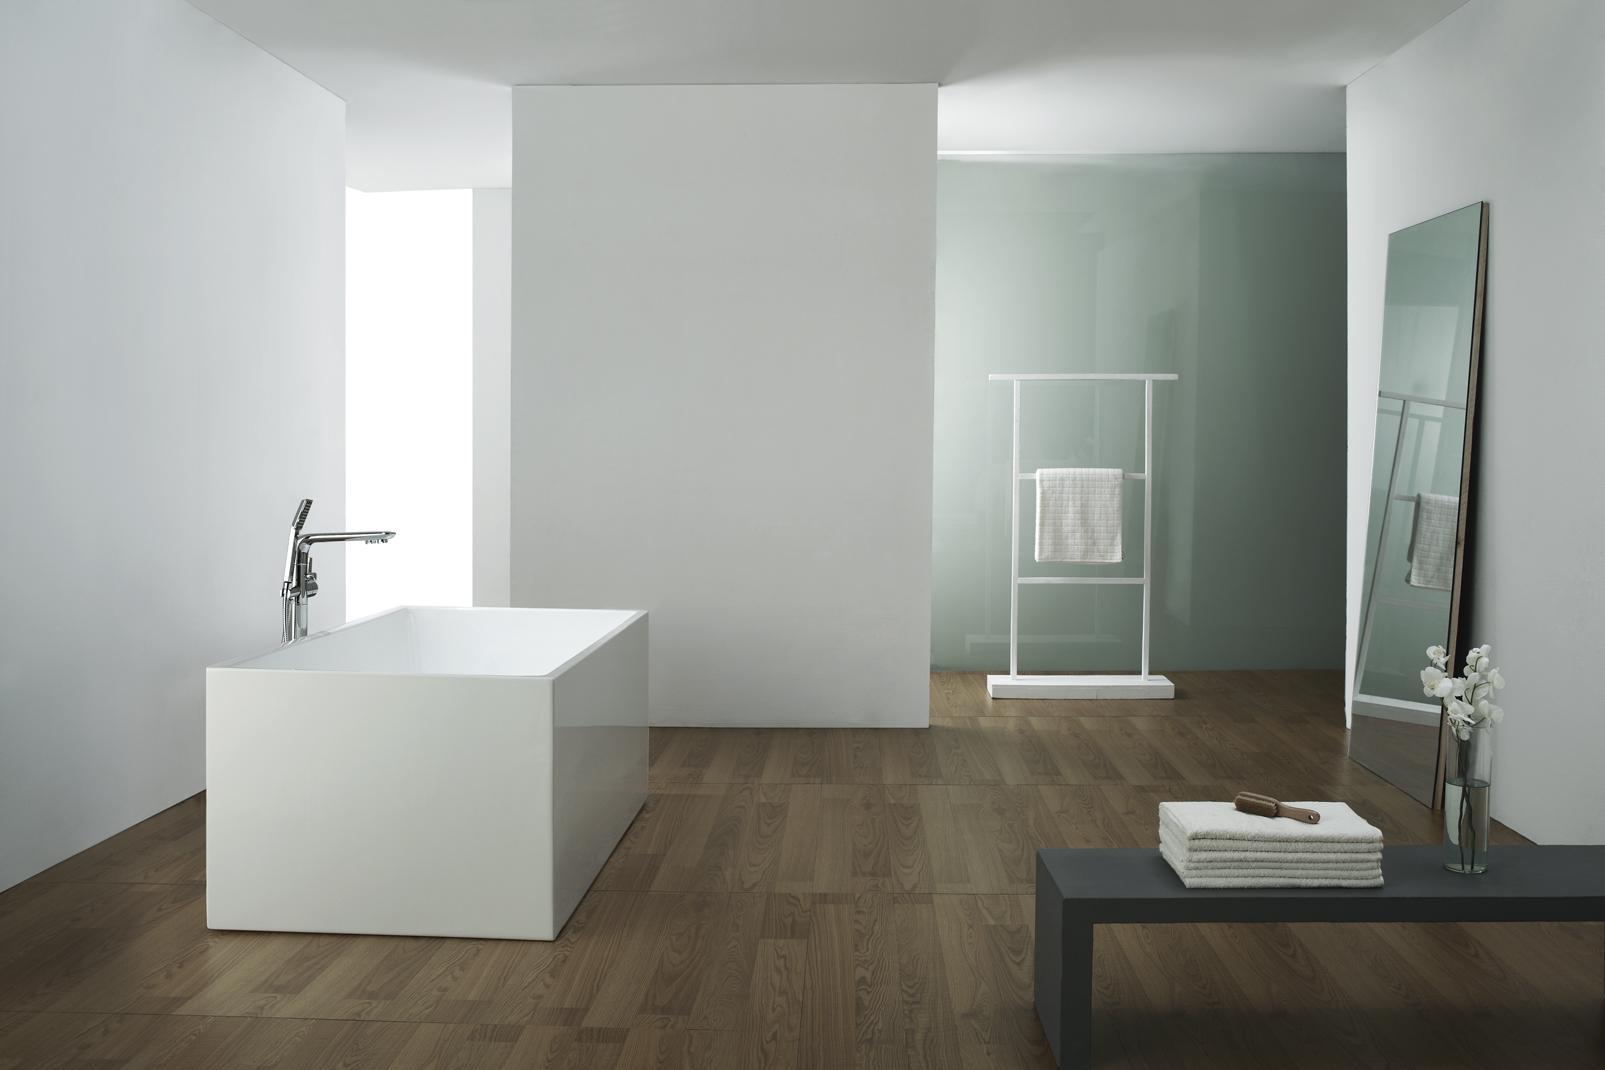 Vasca Da Bagno Moderno : Galleria foto vasche da bagno moderne e di piccole dimensioni foto